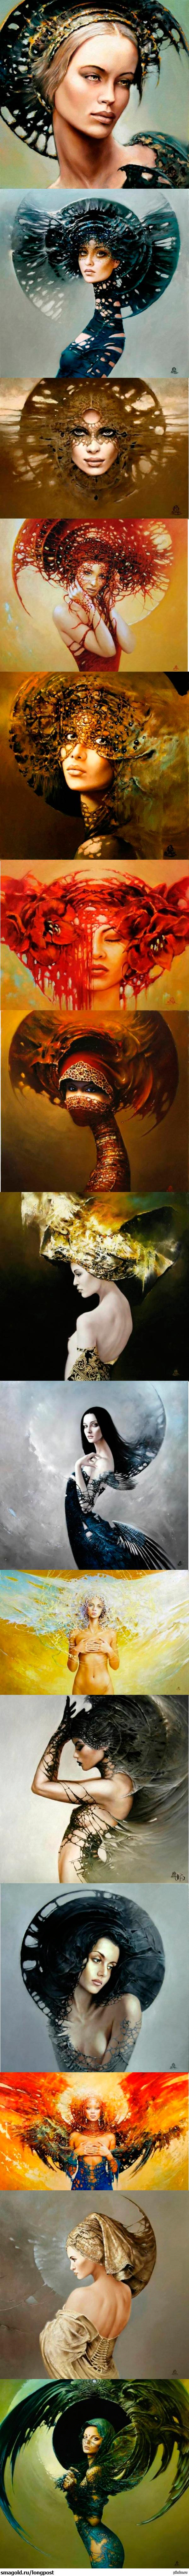 Вот вам пикабушники, немного польских женщин от Кароль Бака :) Клубнику не ставлю, тут по моему мнению чистое искусство.